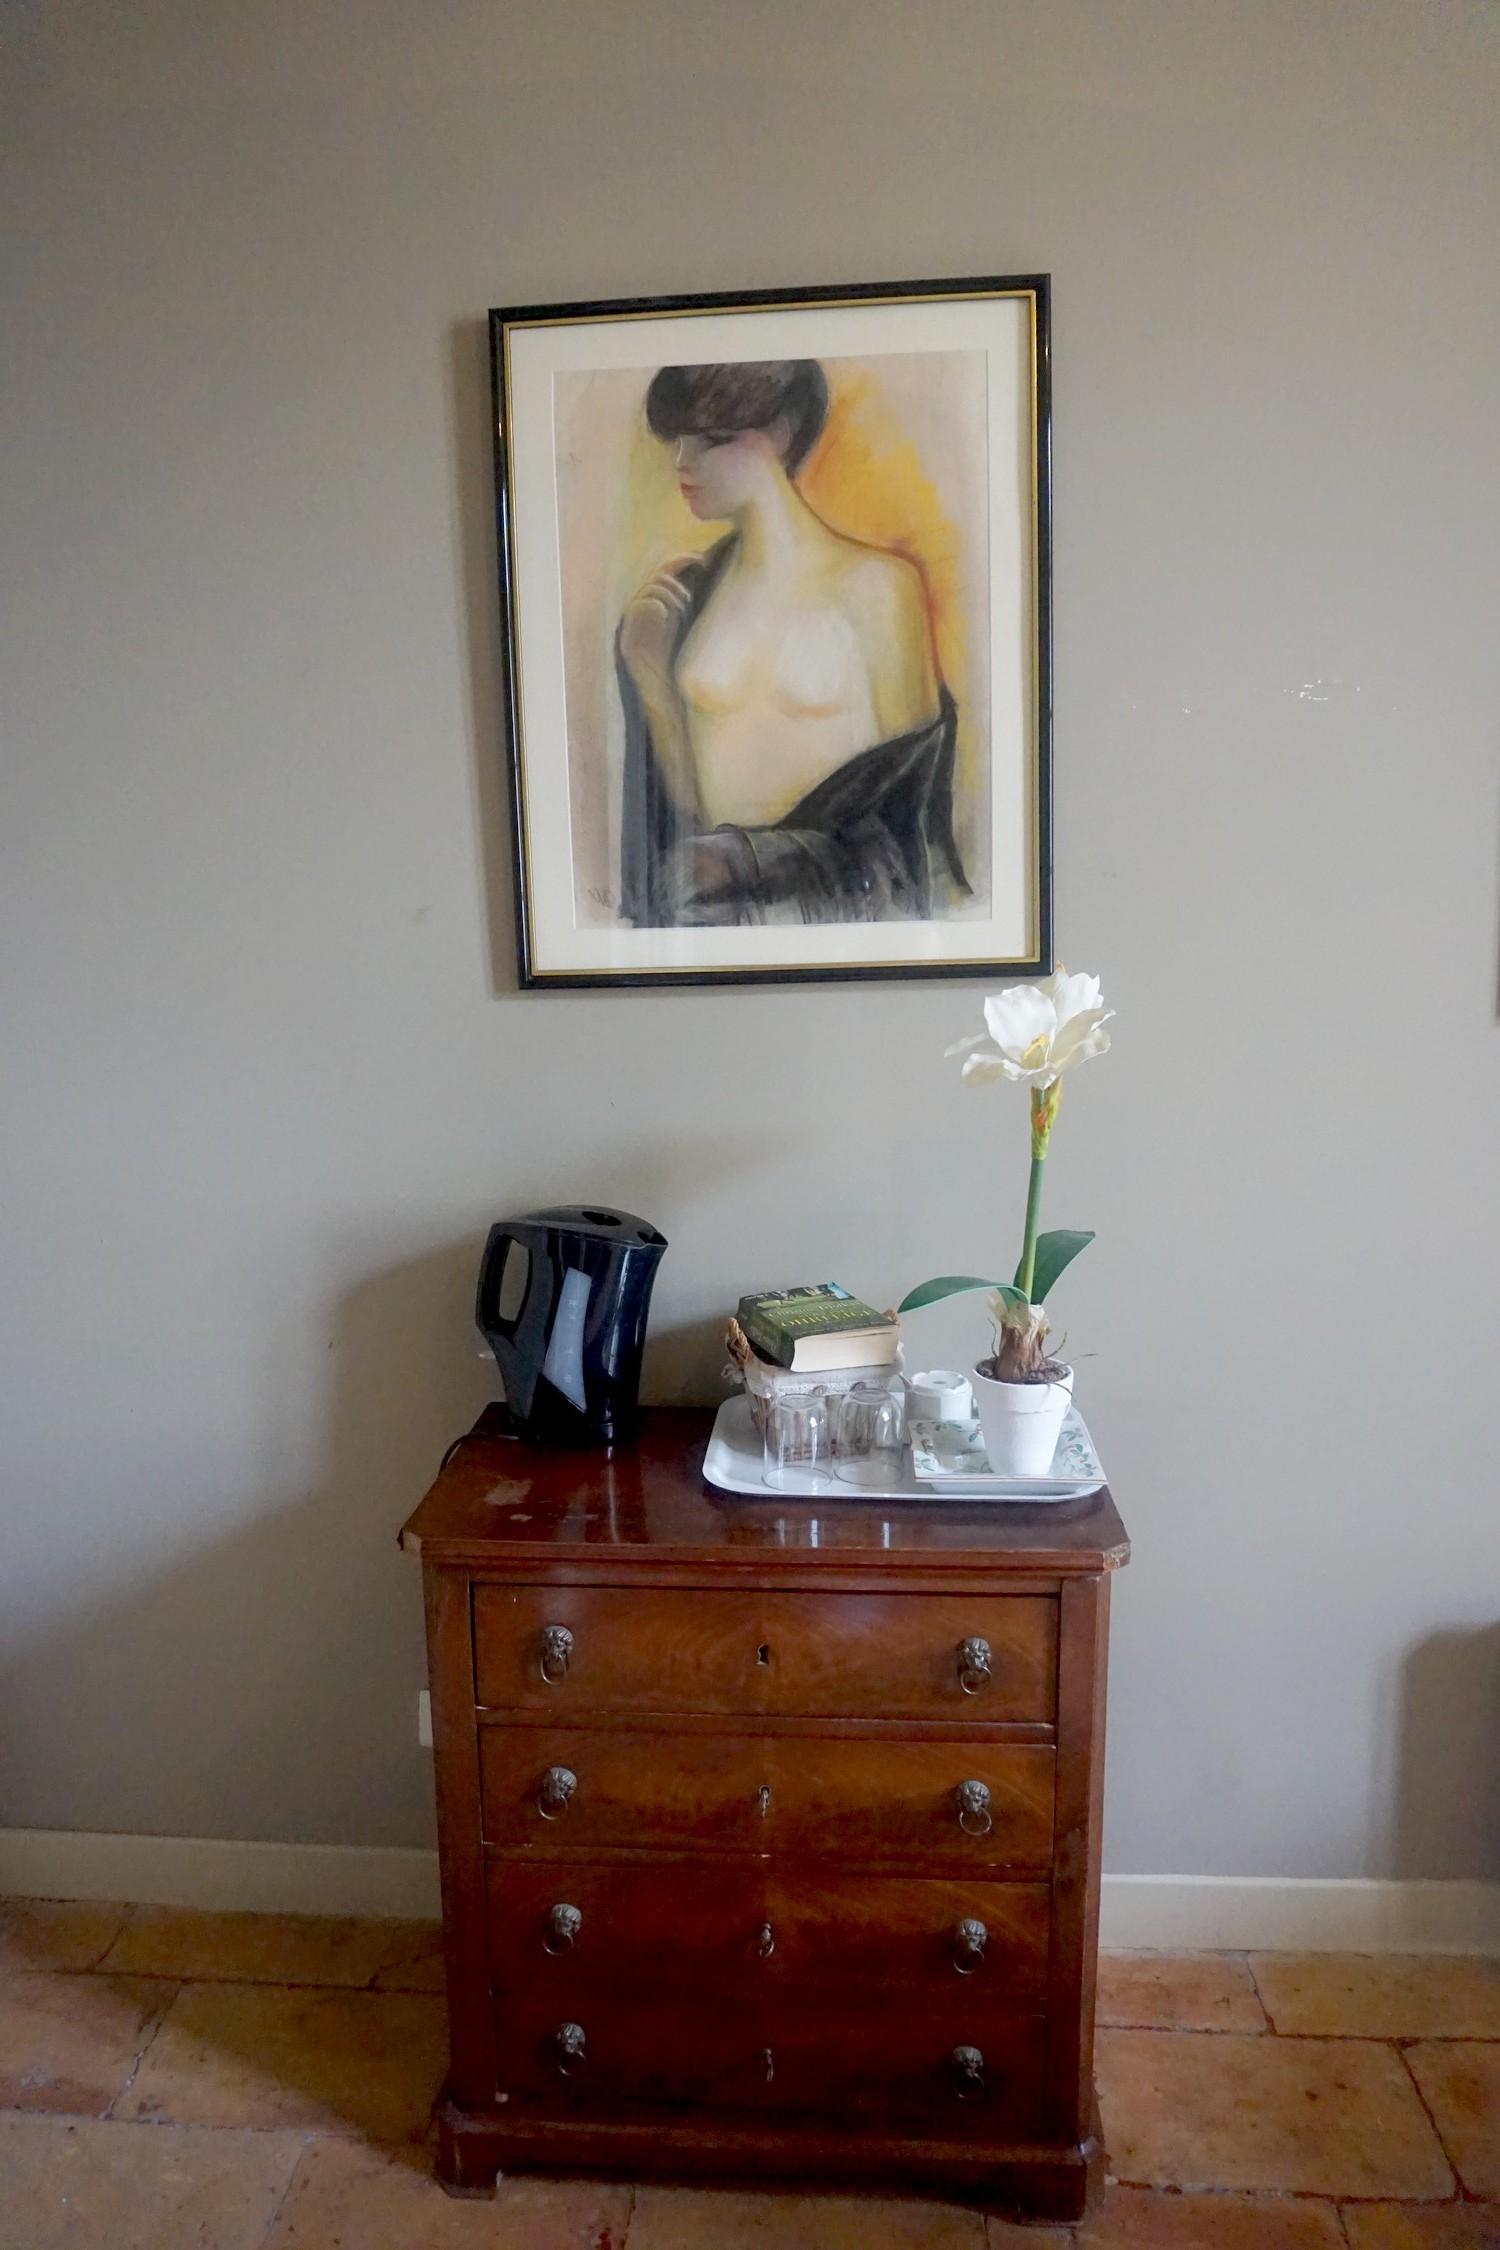 domaine-de-la-fosse-chambre-dhote-hotel-camargue-montpellier-saint-gilles-charme-07